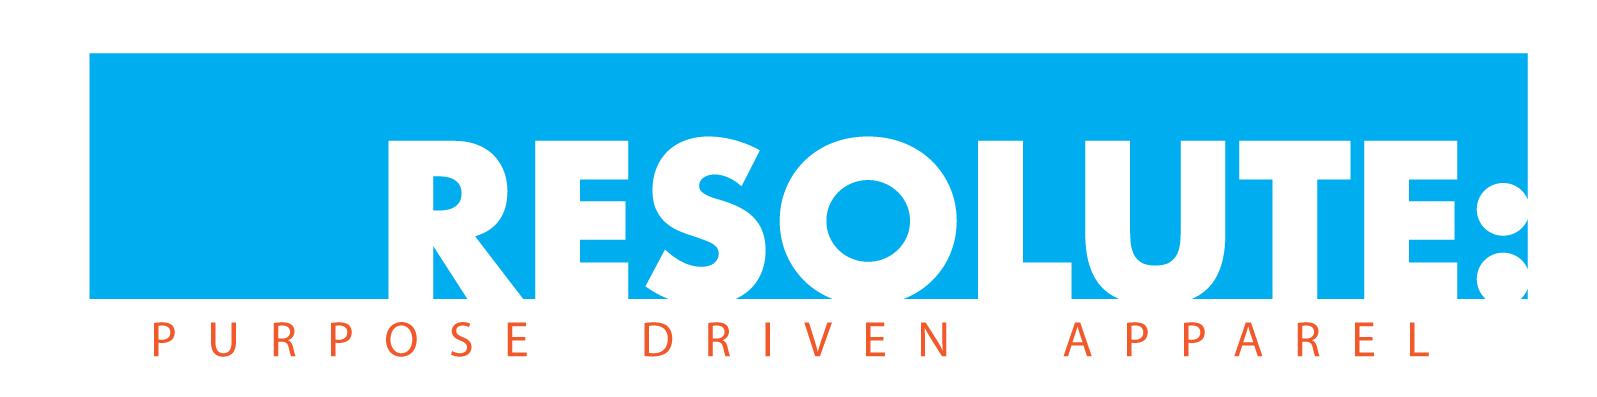 resolute_logo-02.png